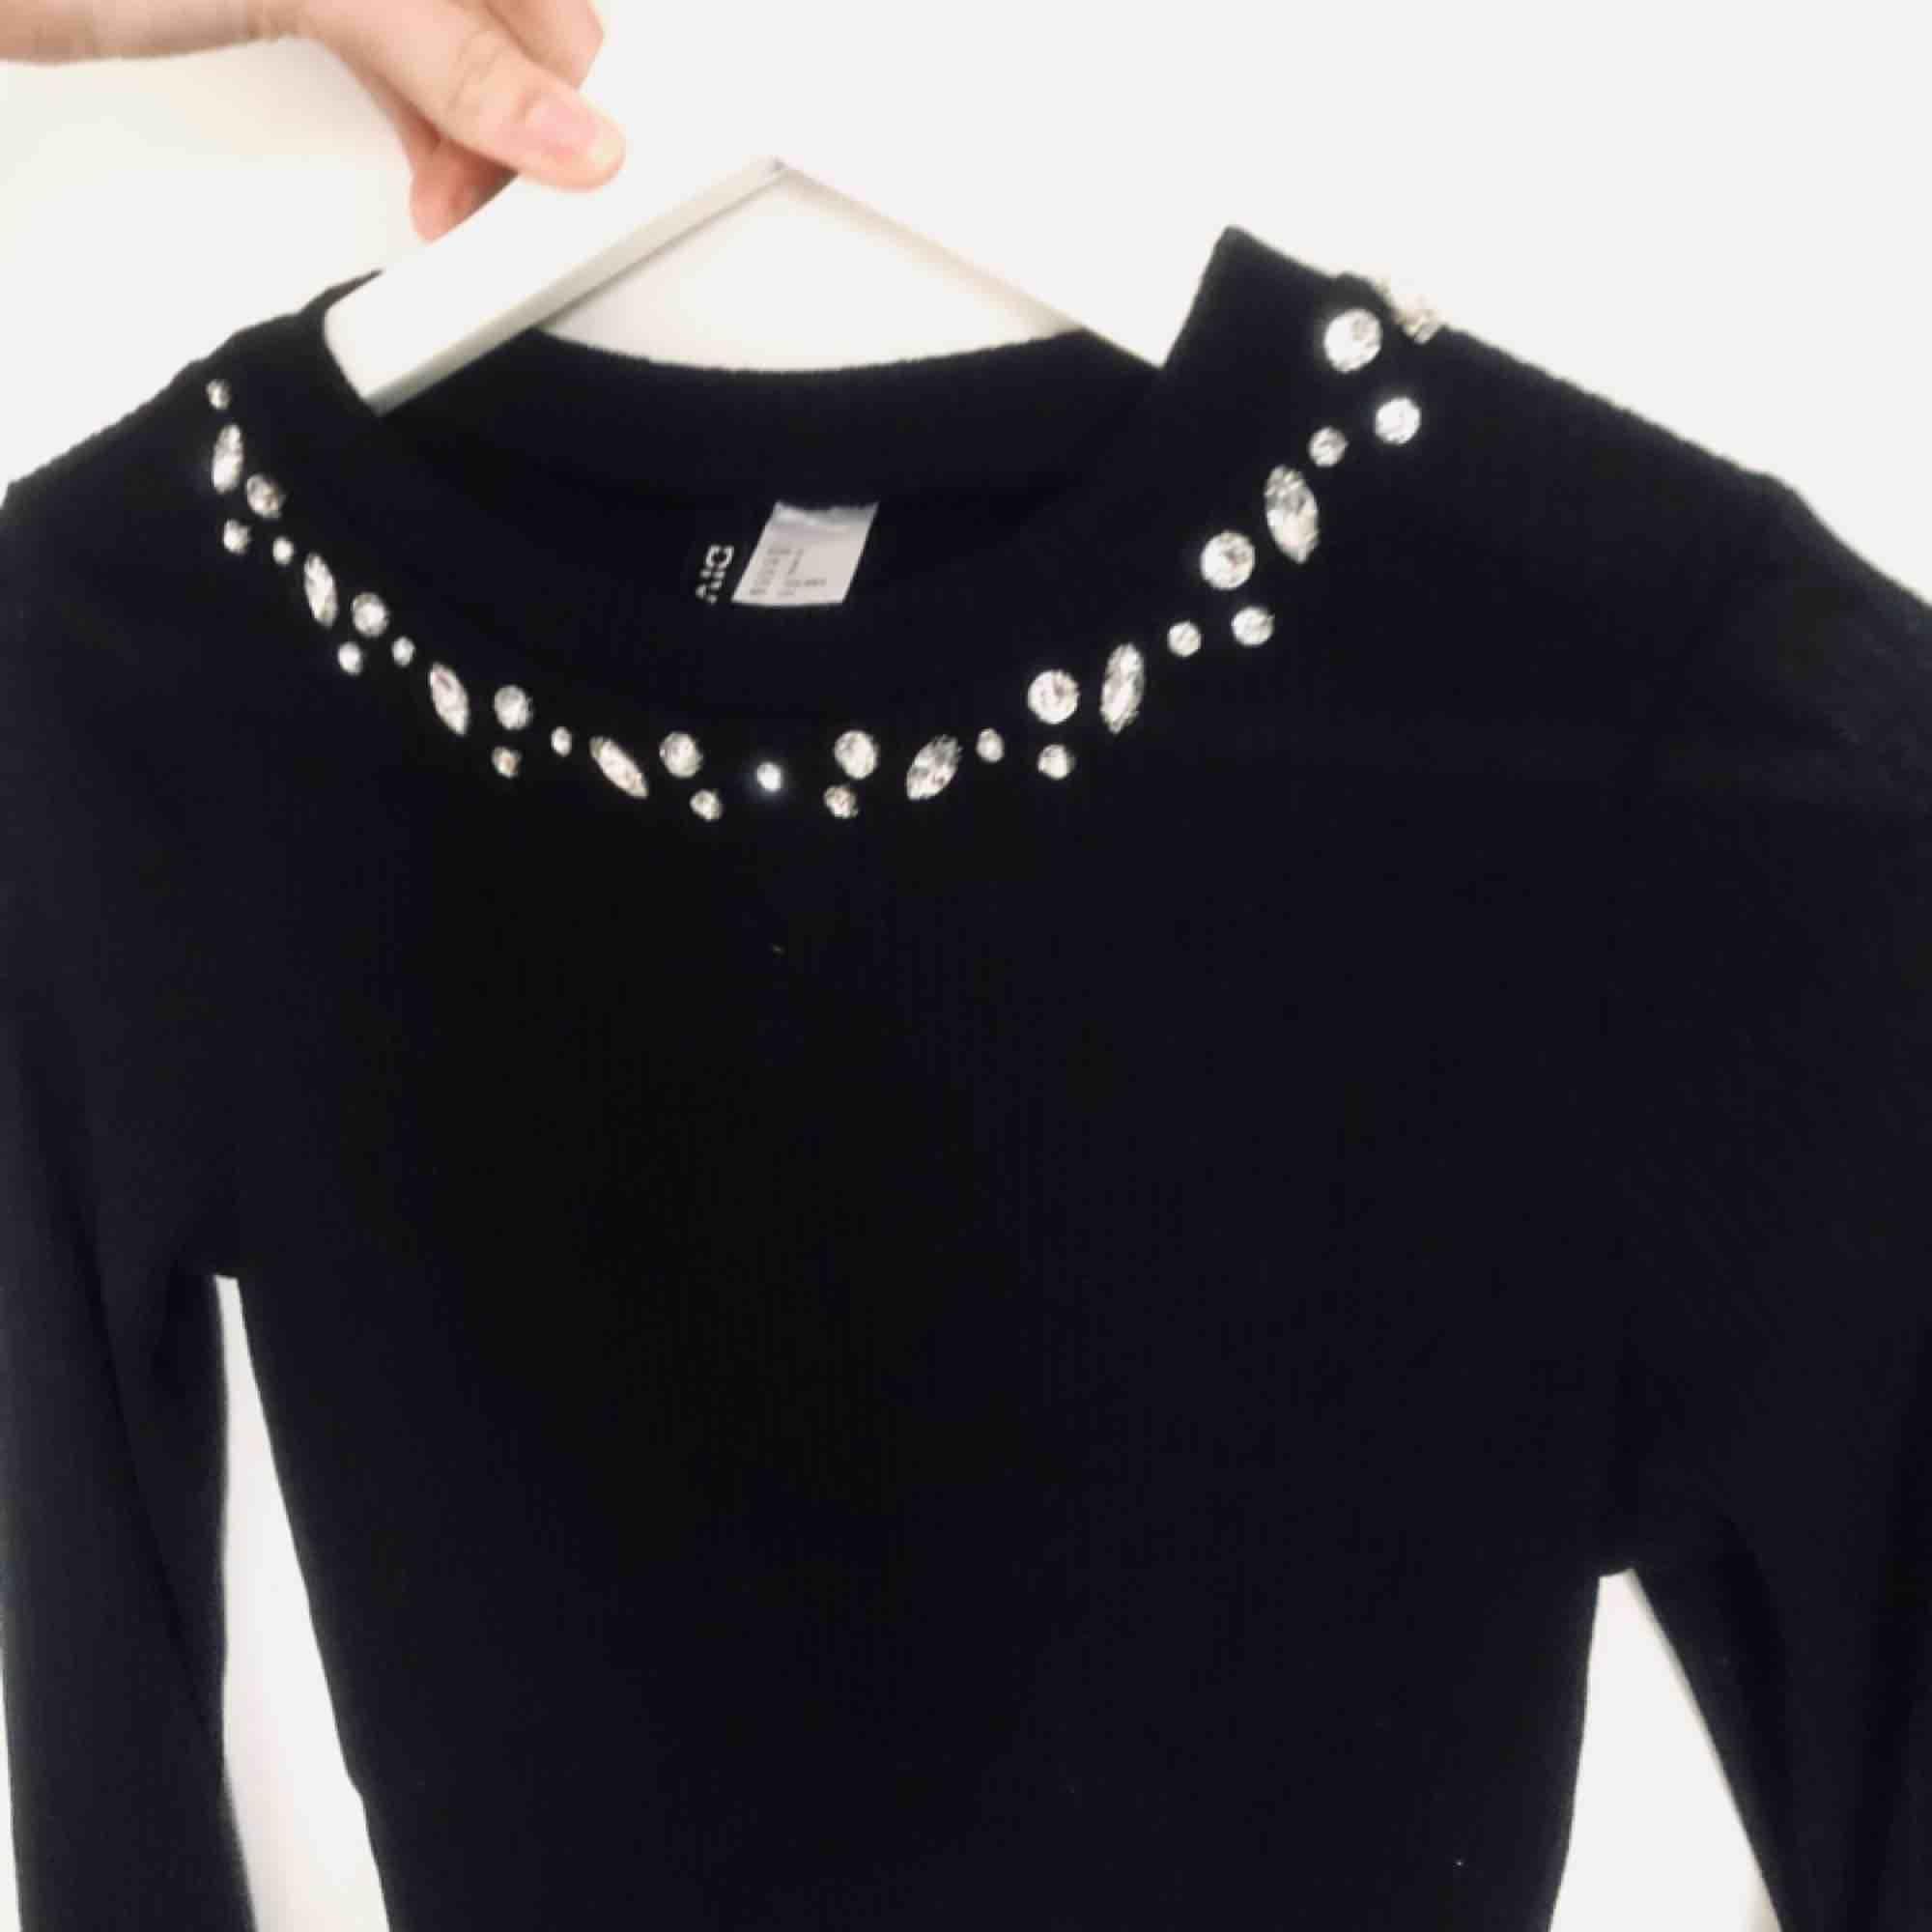 En svart långärmad tröja med glitterpaljetter i urringningen. En tunn och skön topp till fina tillfällen. Aldrig använd! För liten för mig och kan därför inte använda den. Köparen står för frakt. Toppar.